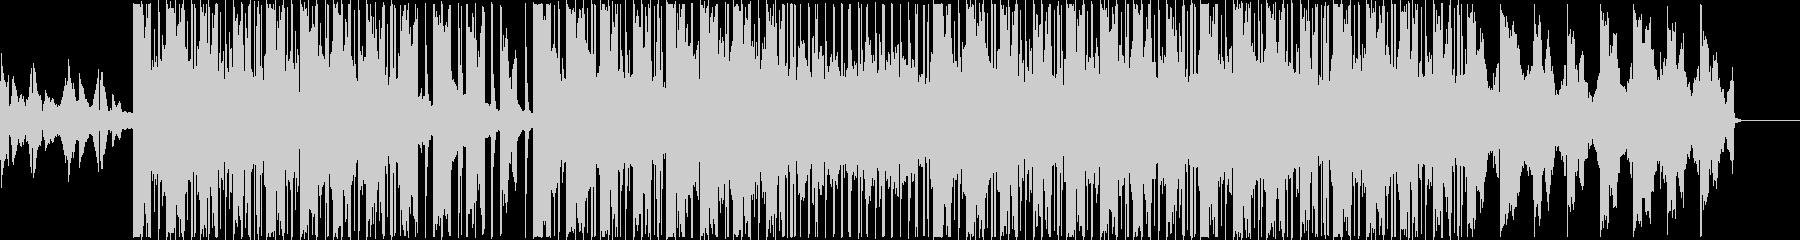 エモいLo-fiビートの未再生の波形